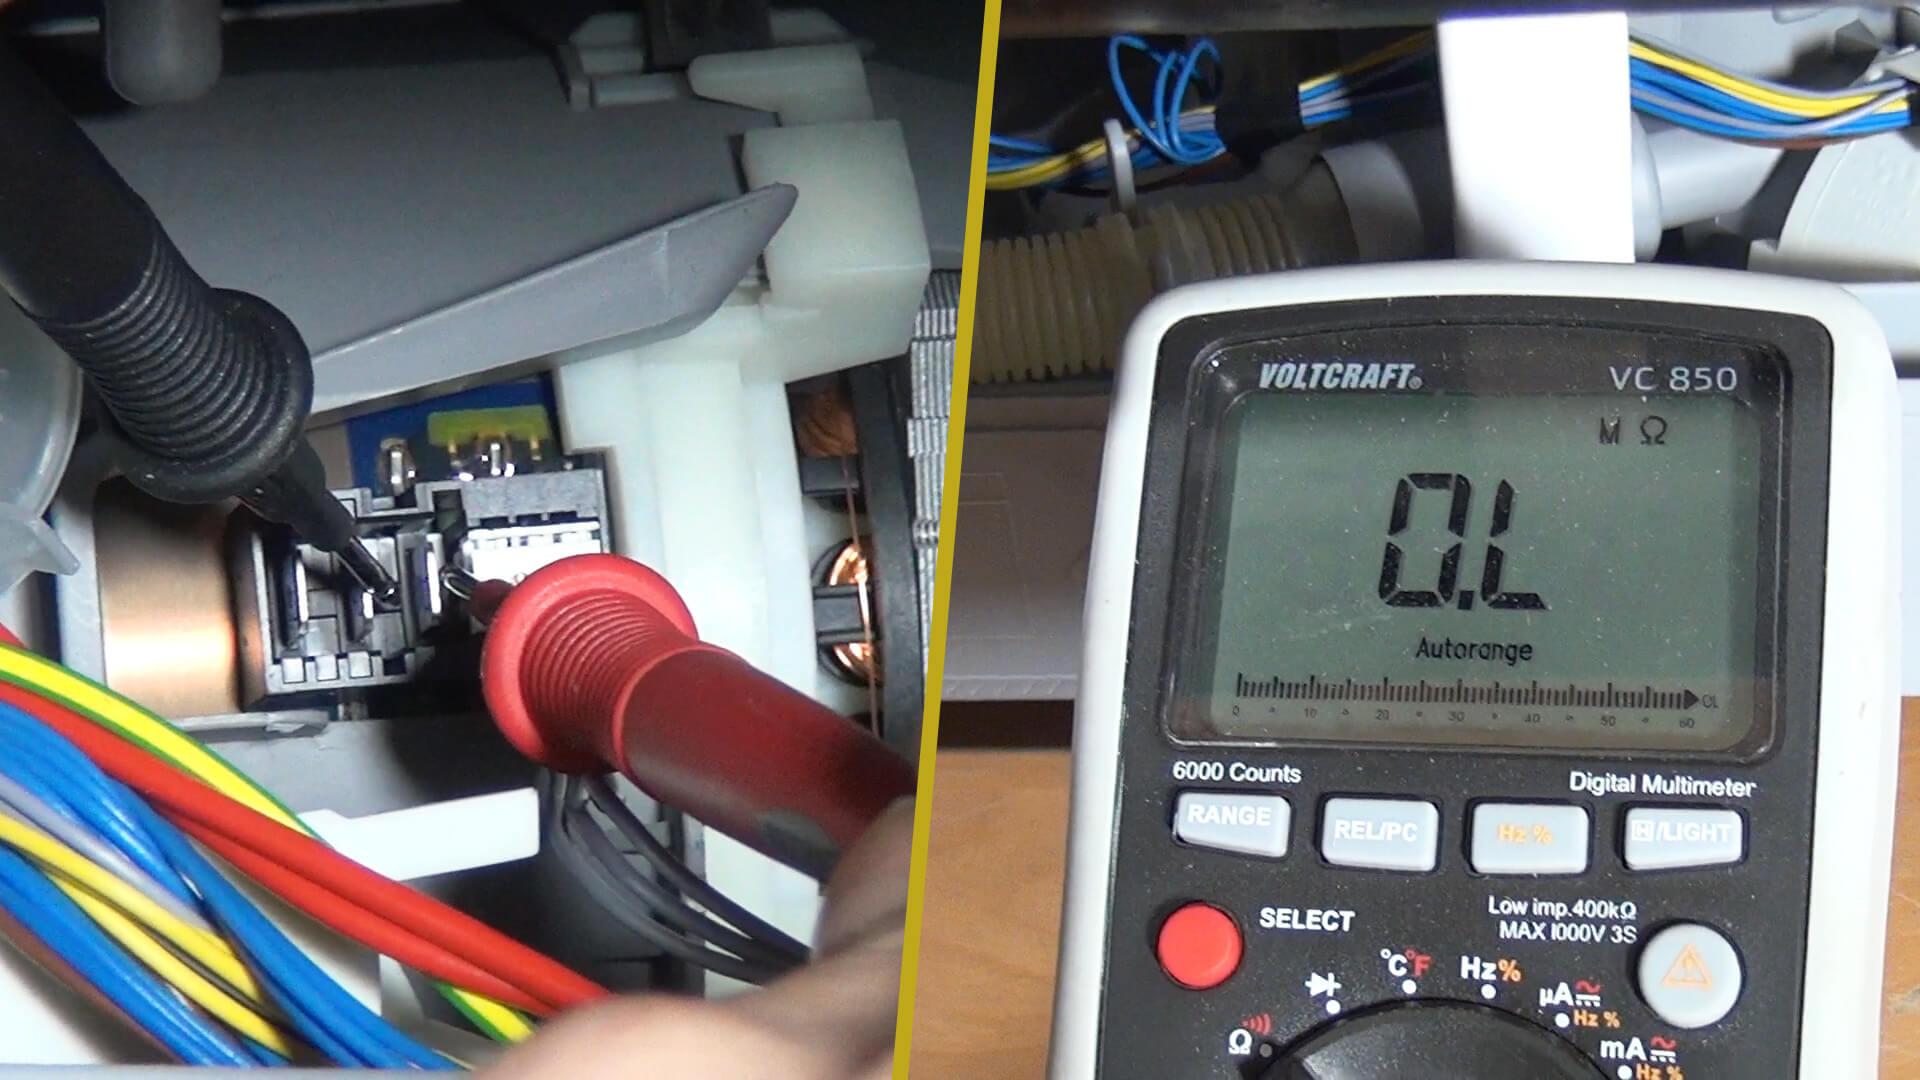 Berühmt Bosch Geschirrspüler - Fehlermeldung E09 - Heizpumpe prüfen QM71